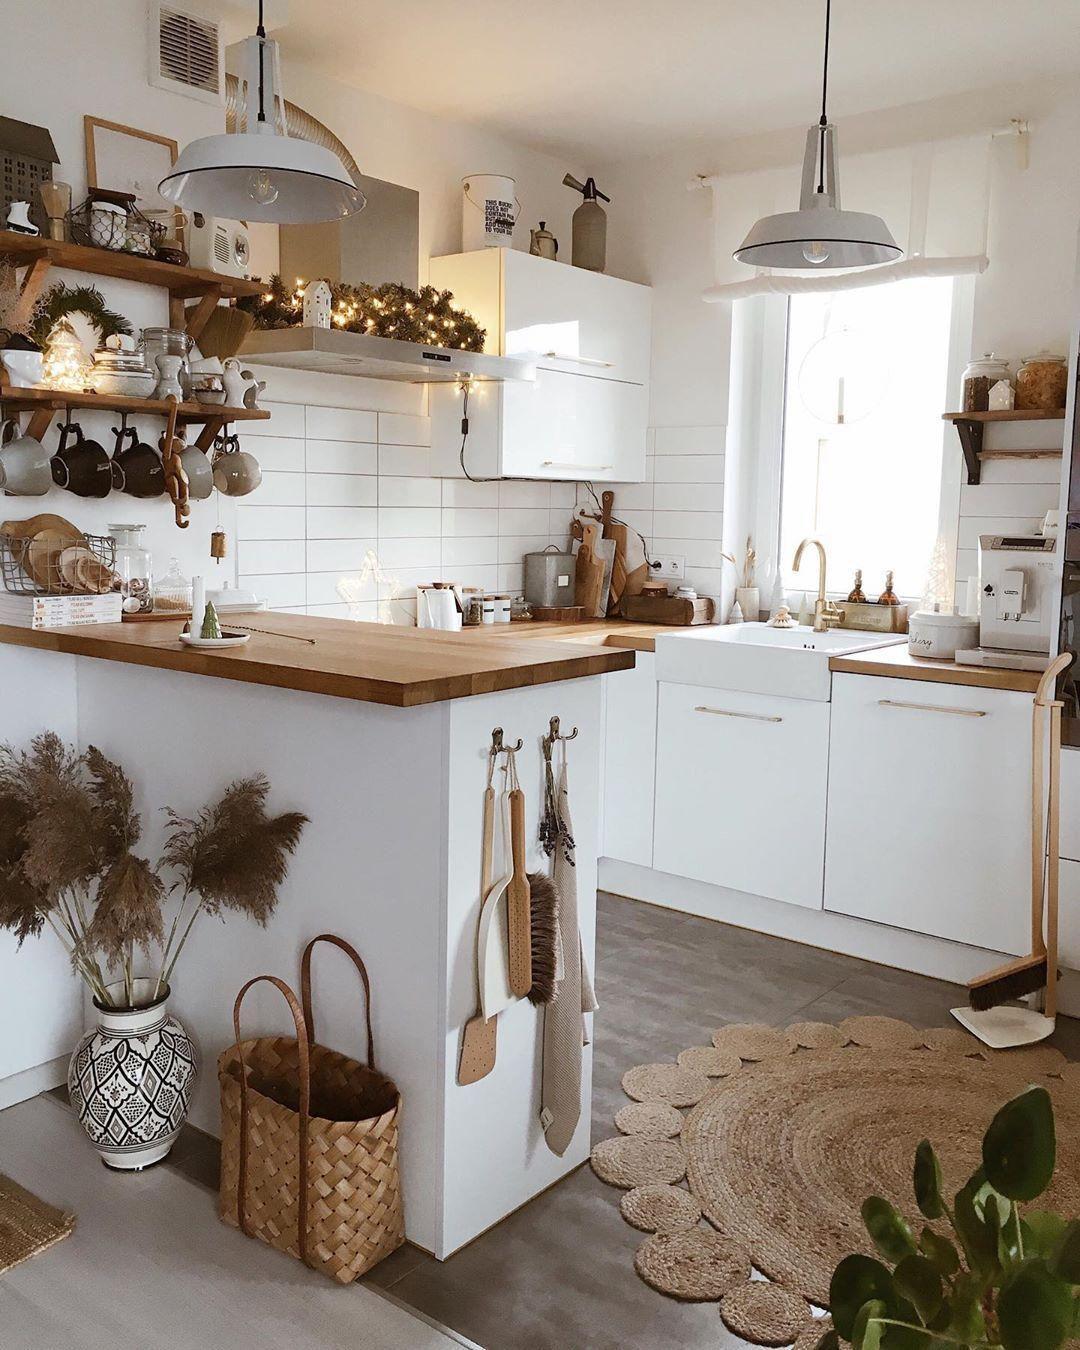 18 Idées Déco pour Cuisine Scandinave en 18  Idée déco cuisine